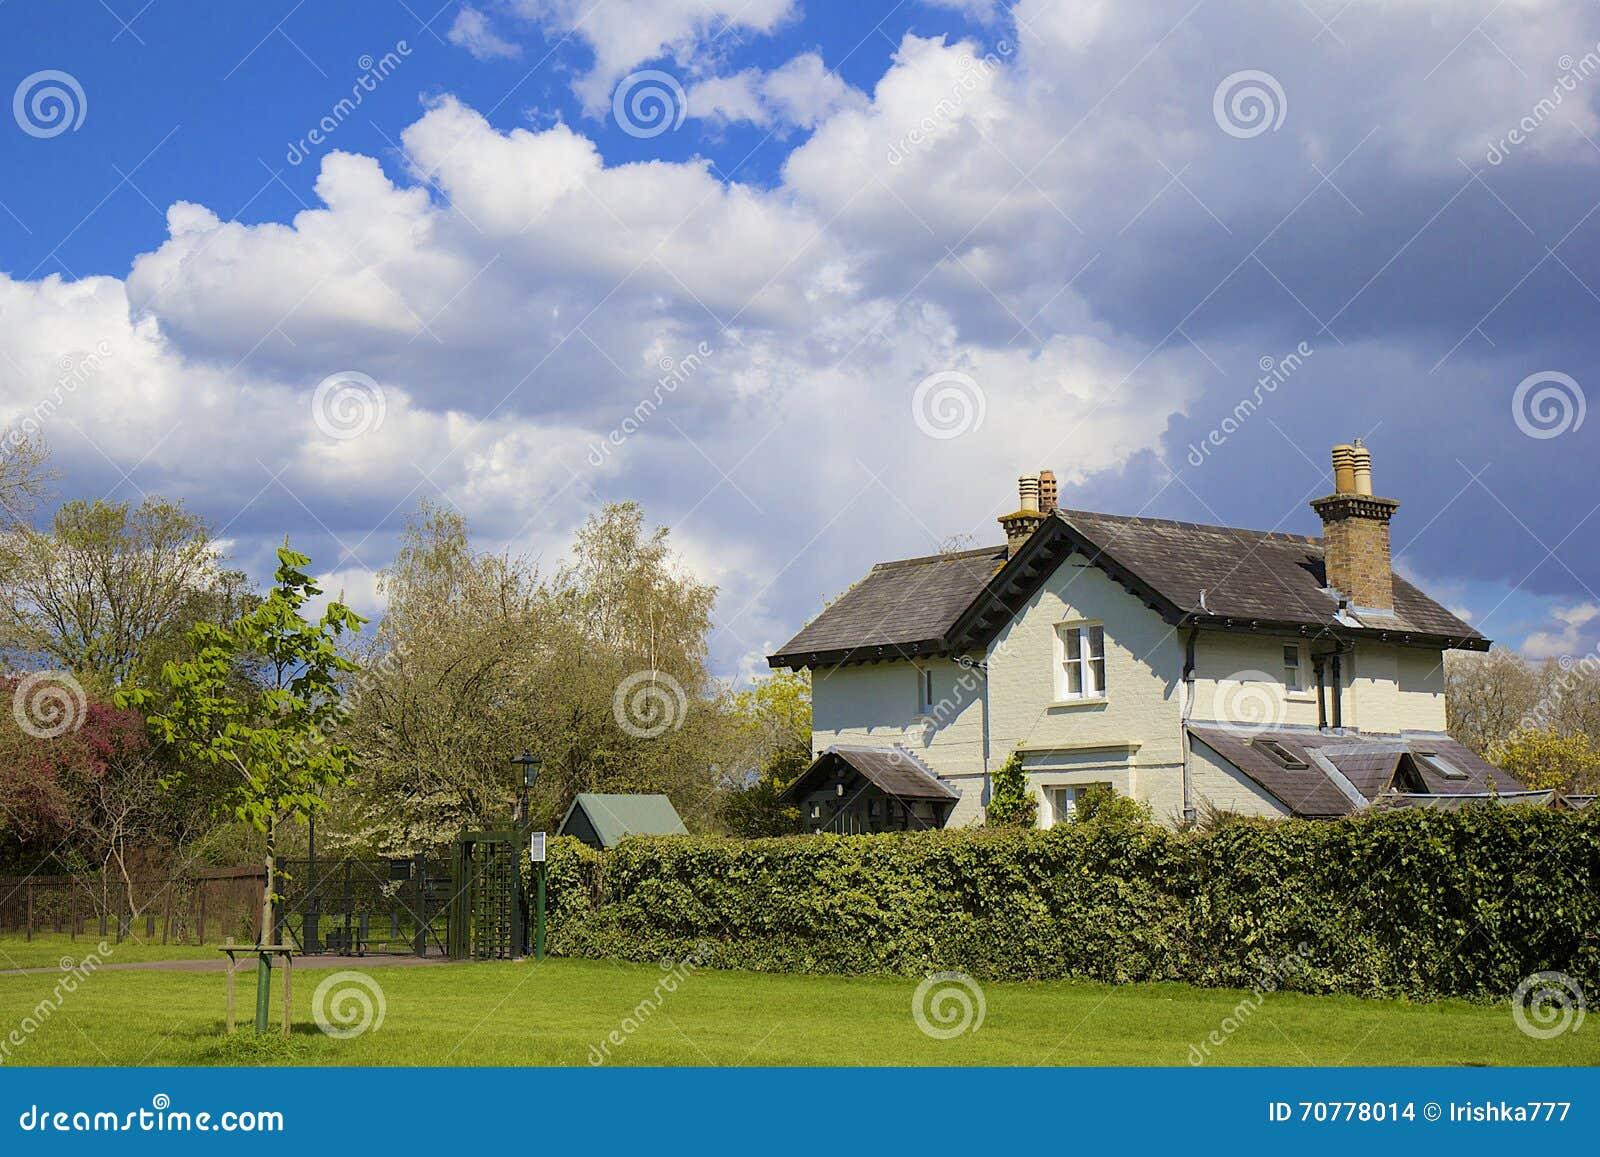 Casa di campagna inglese regno unito immagine stock for Architettura della casa di campagna